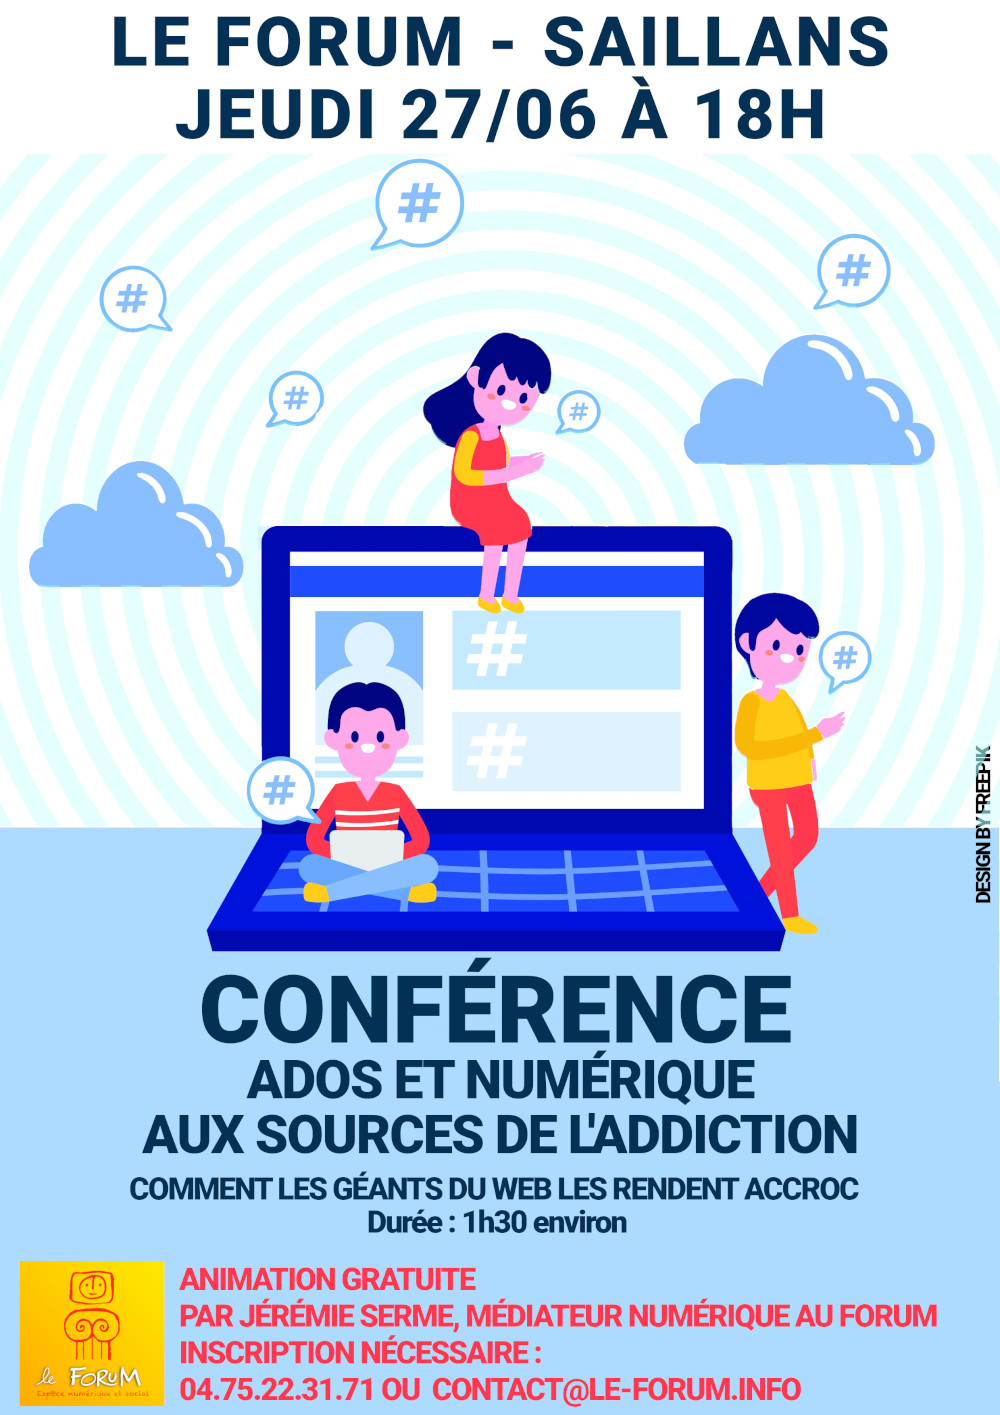 Conférence Ados et numérique : aux sources de l'addiction – jeudi 27/06 à 18h